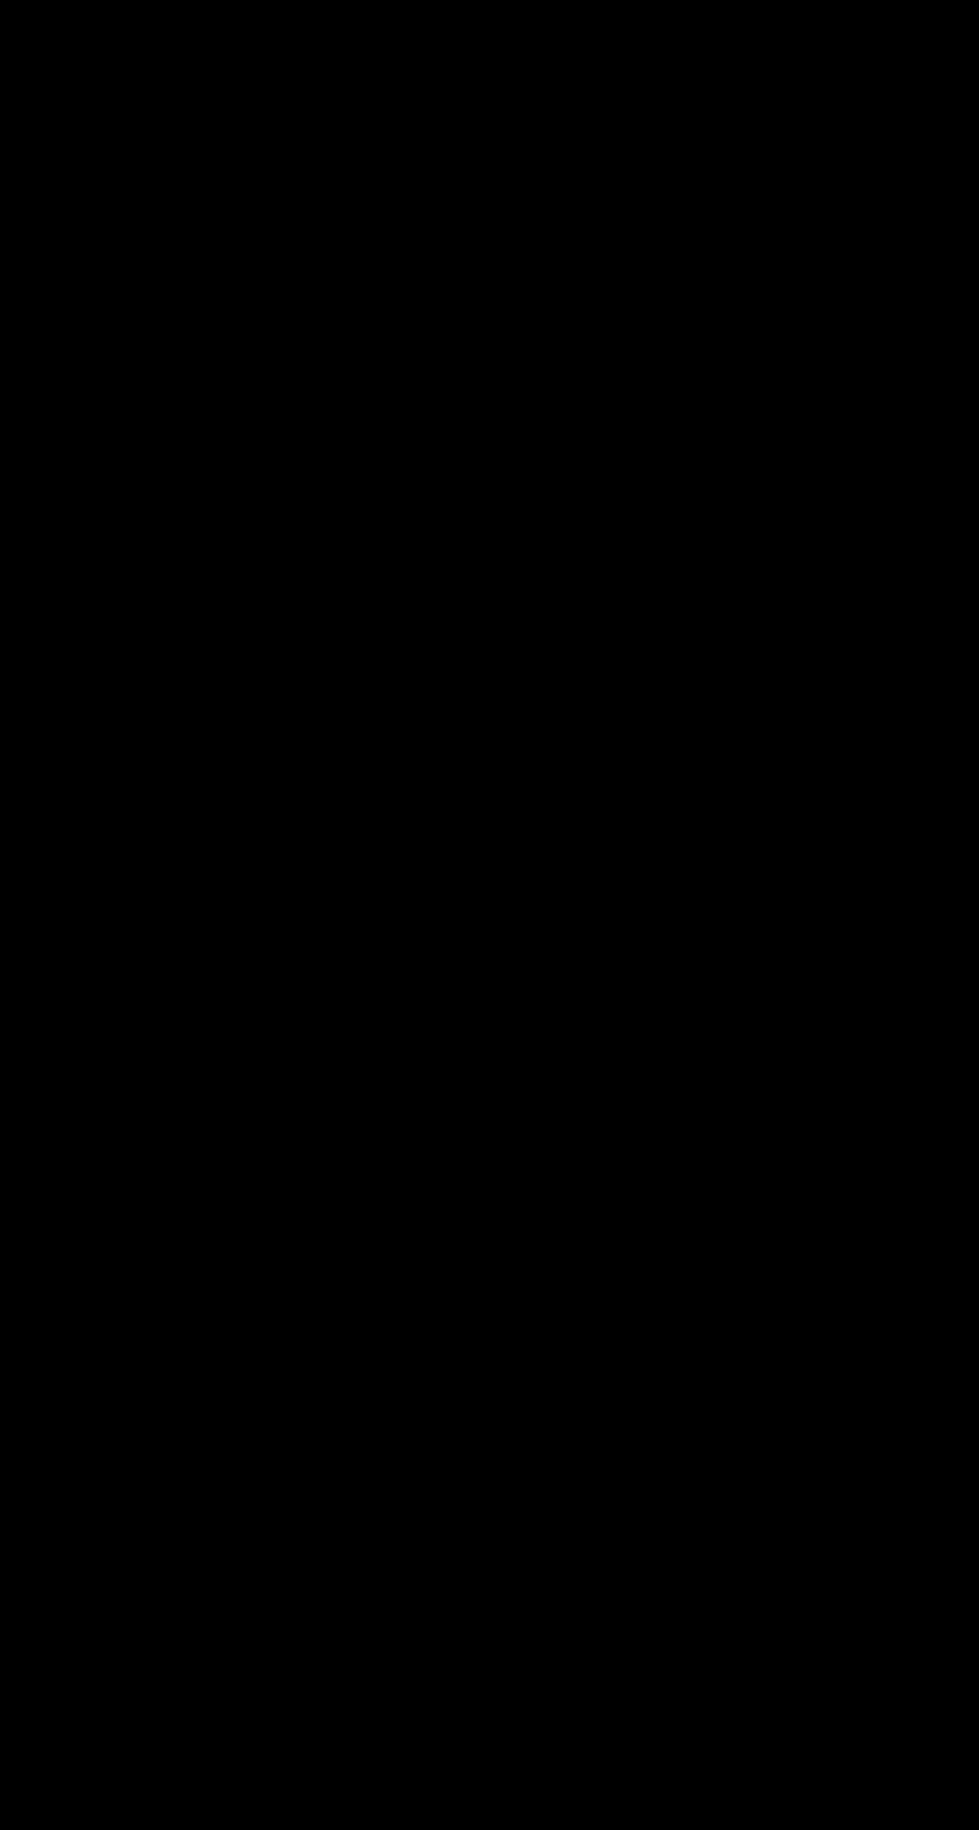 図32.png